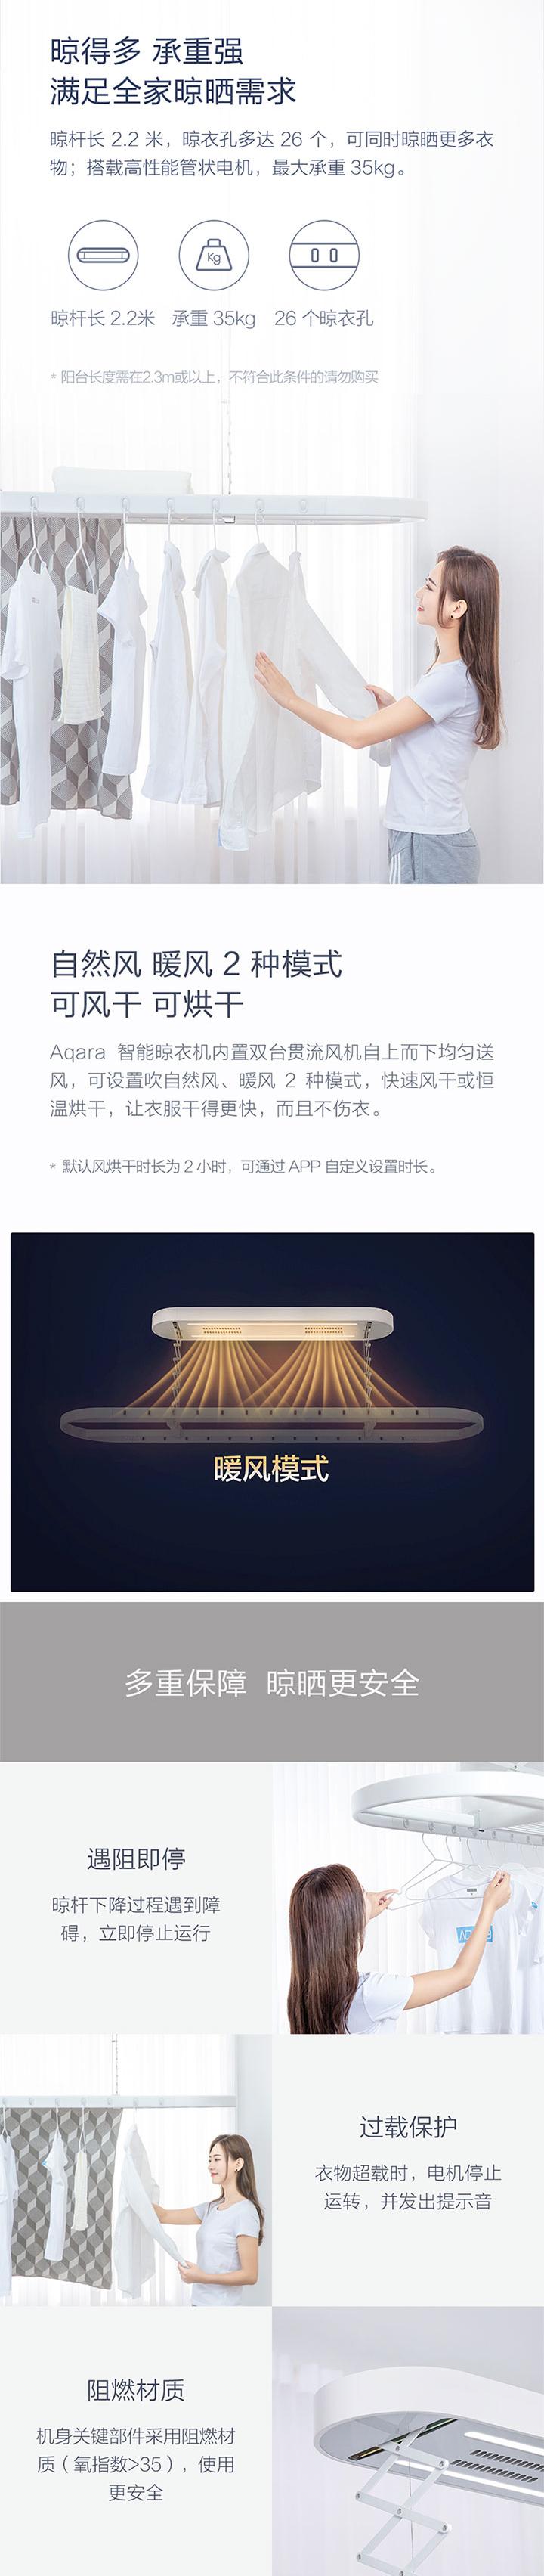 Aqara智能电动晾衣机免费试用,评测